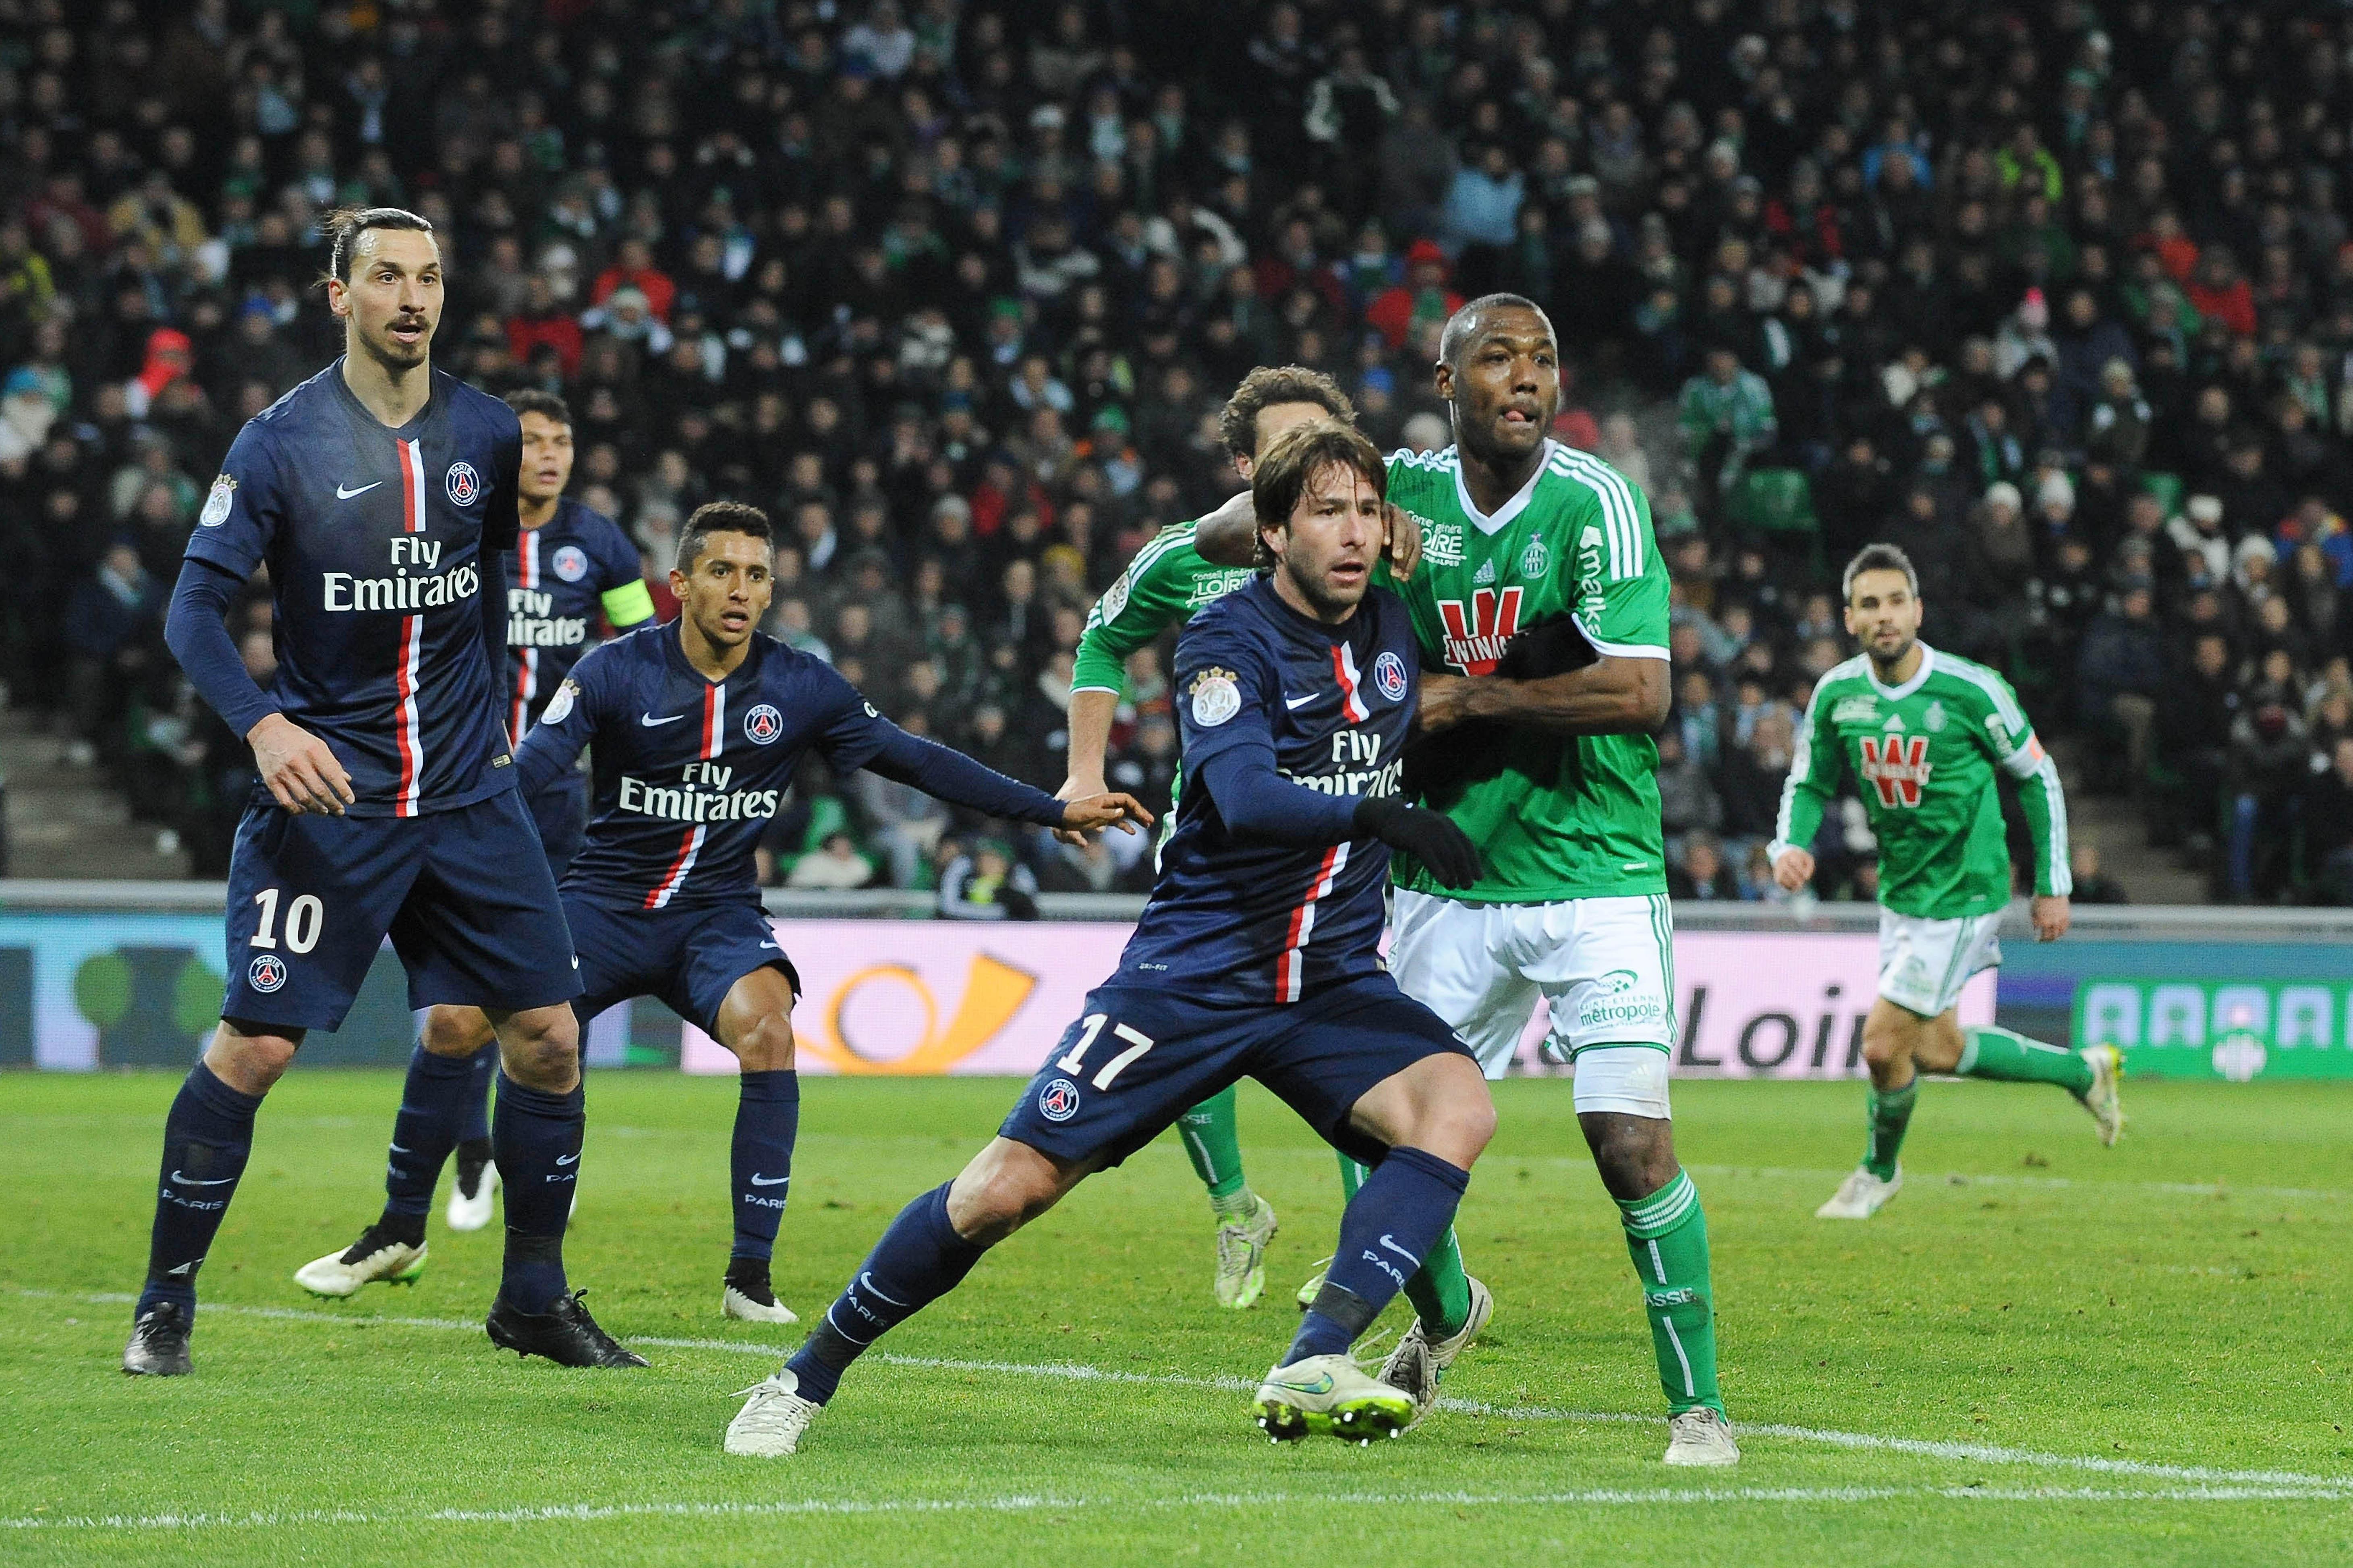 Saint etienne psg les verts ont pos leur veto pour le report coupe de france football - Coupe de france saint etienne ...